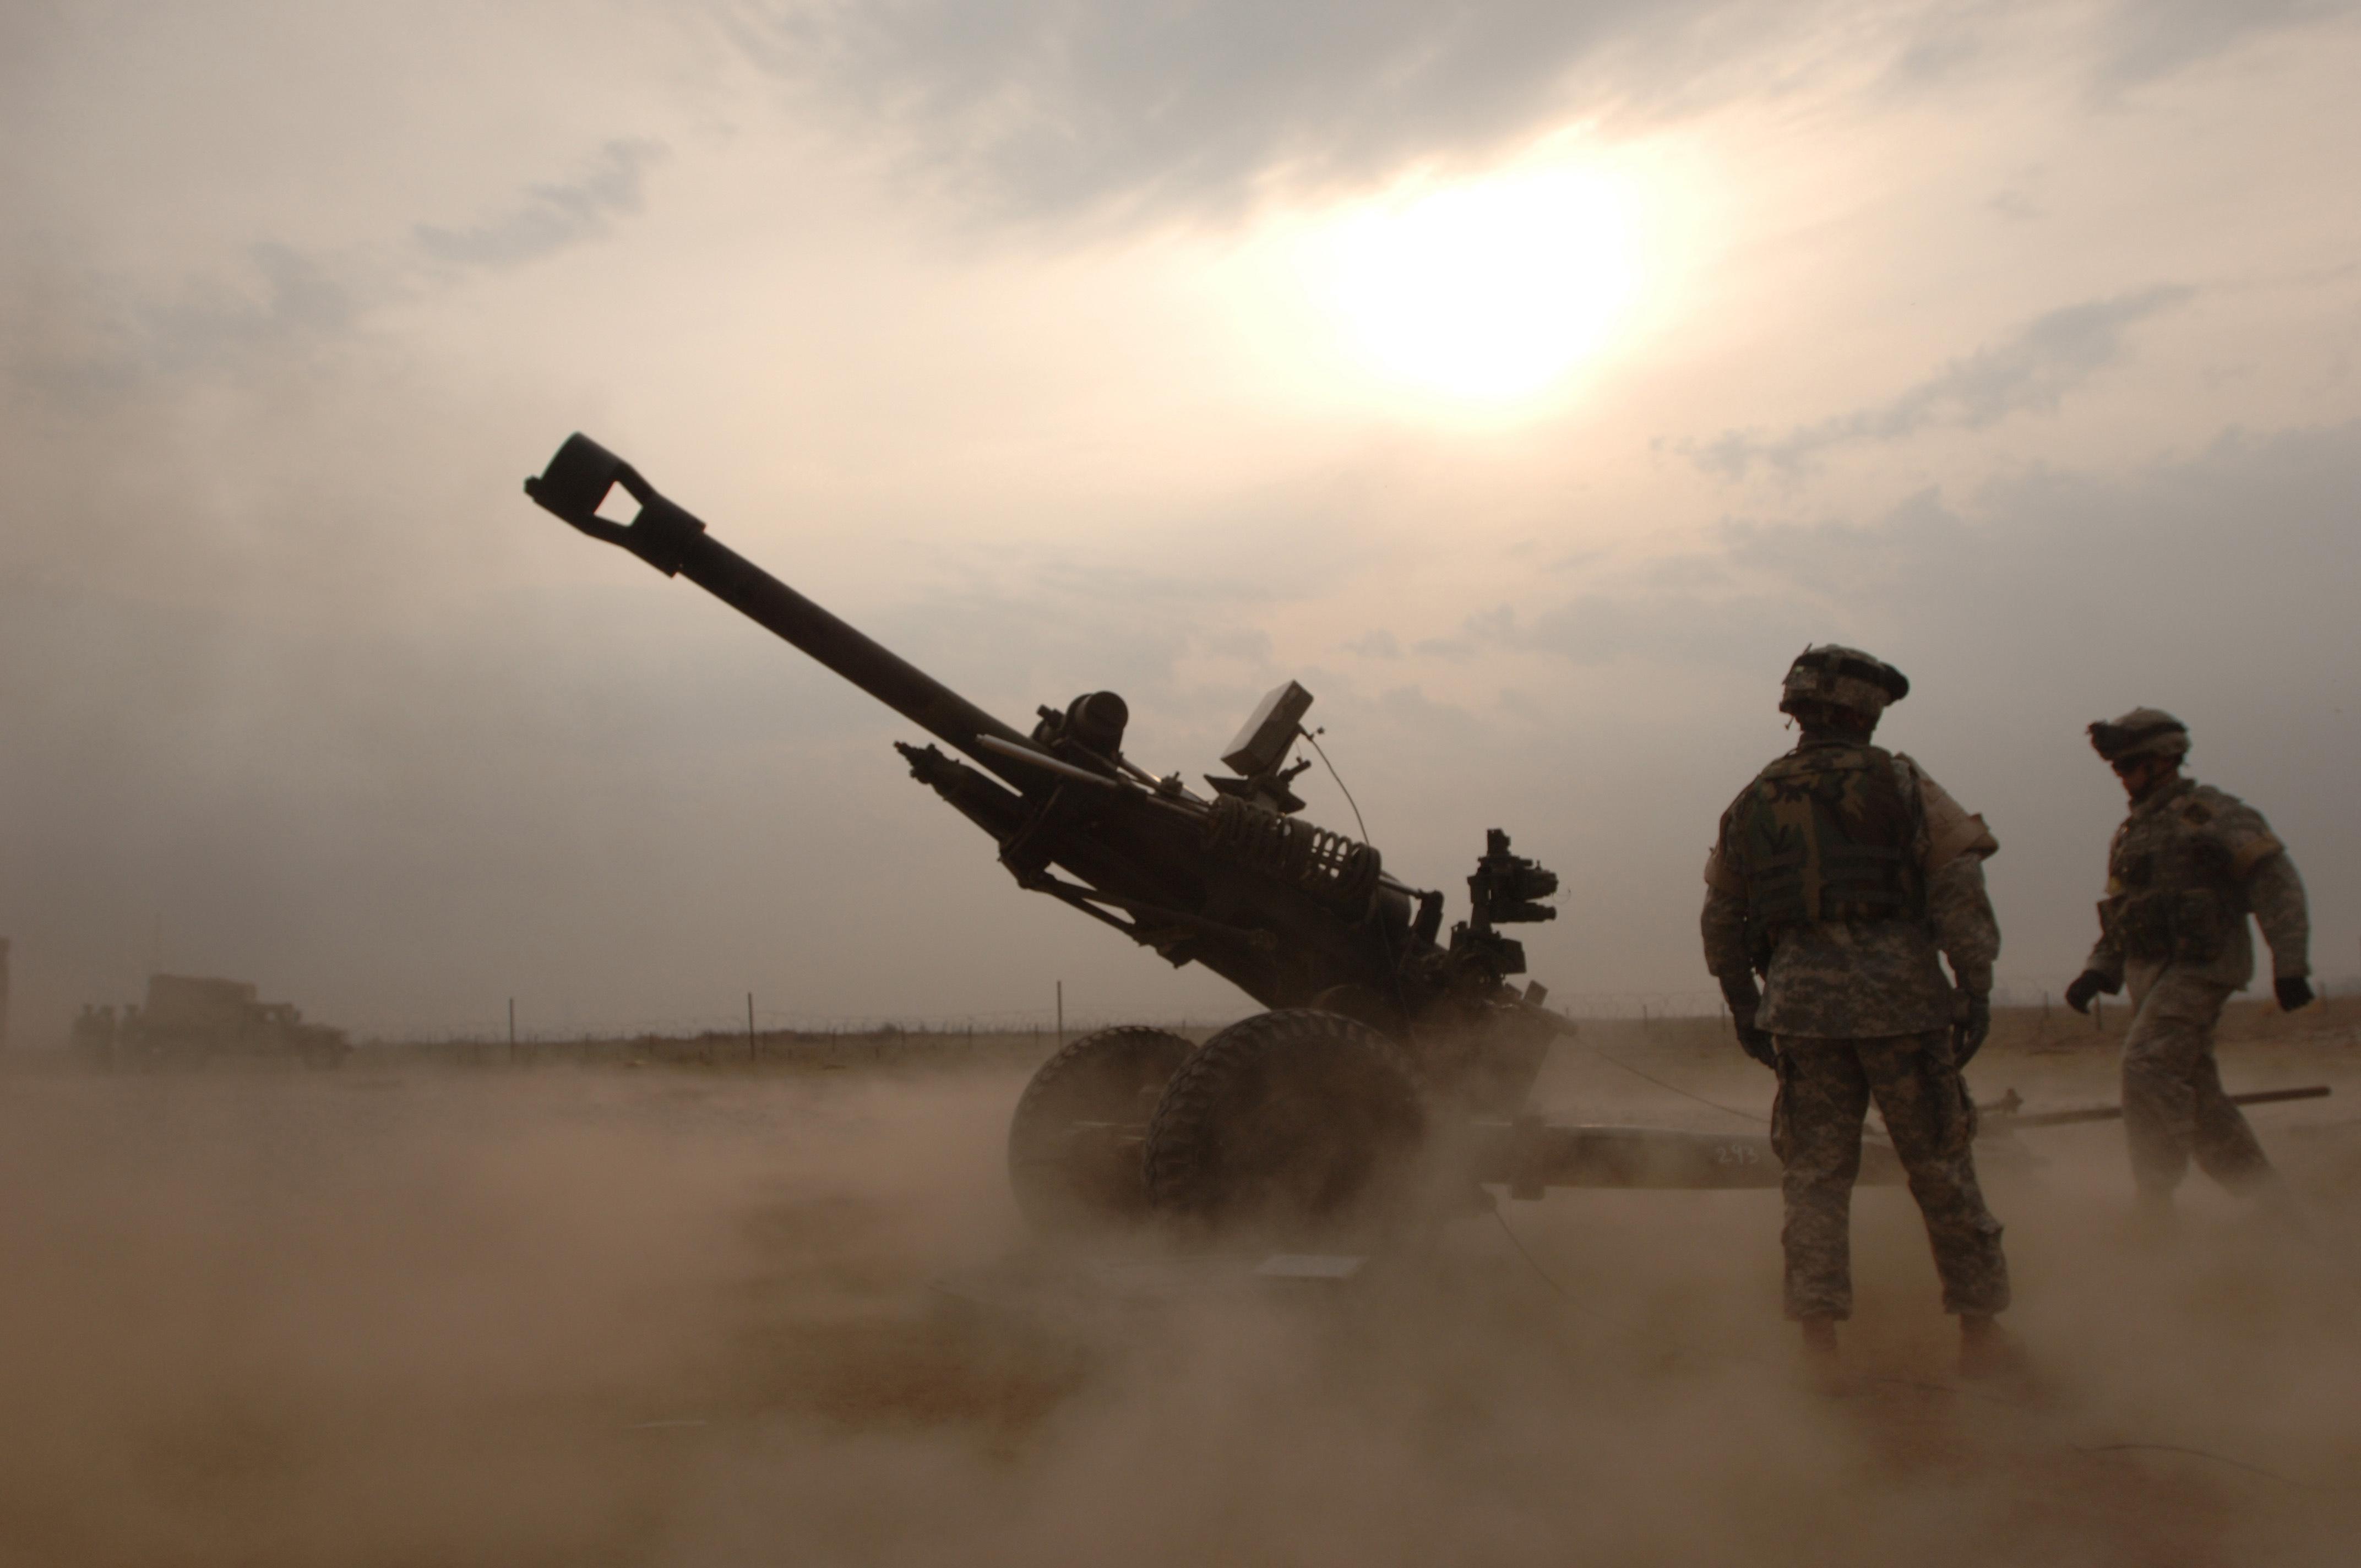 ESPECIAL Reforço de peso! Exército colombiano gastará mais de USD 900 milhões para aumentar o poderio de sua Artilharia com as armas de 105 mm da BAE Systems